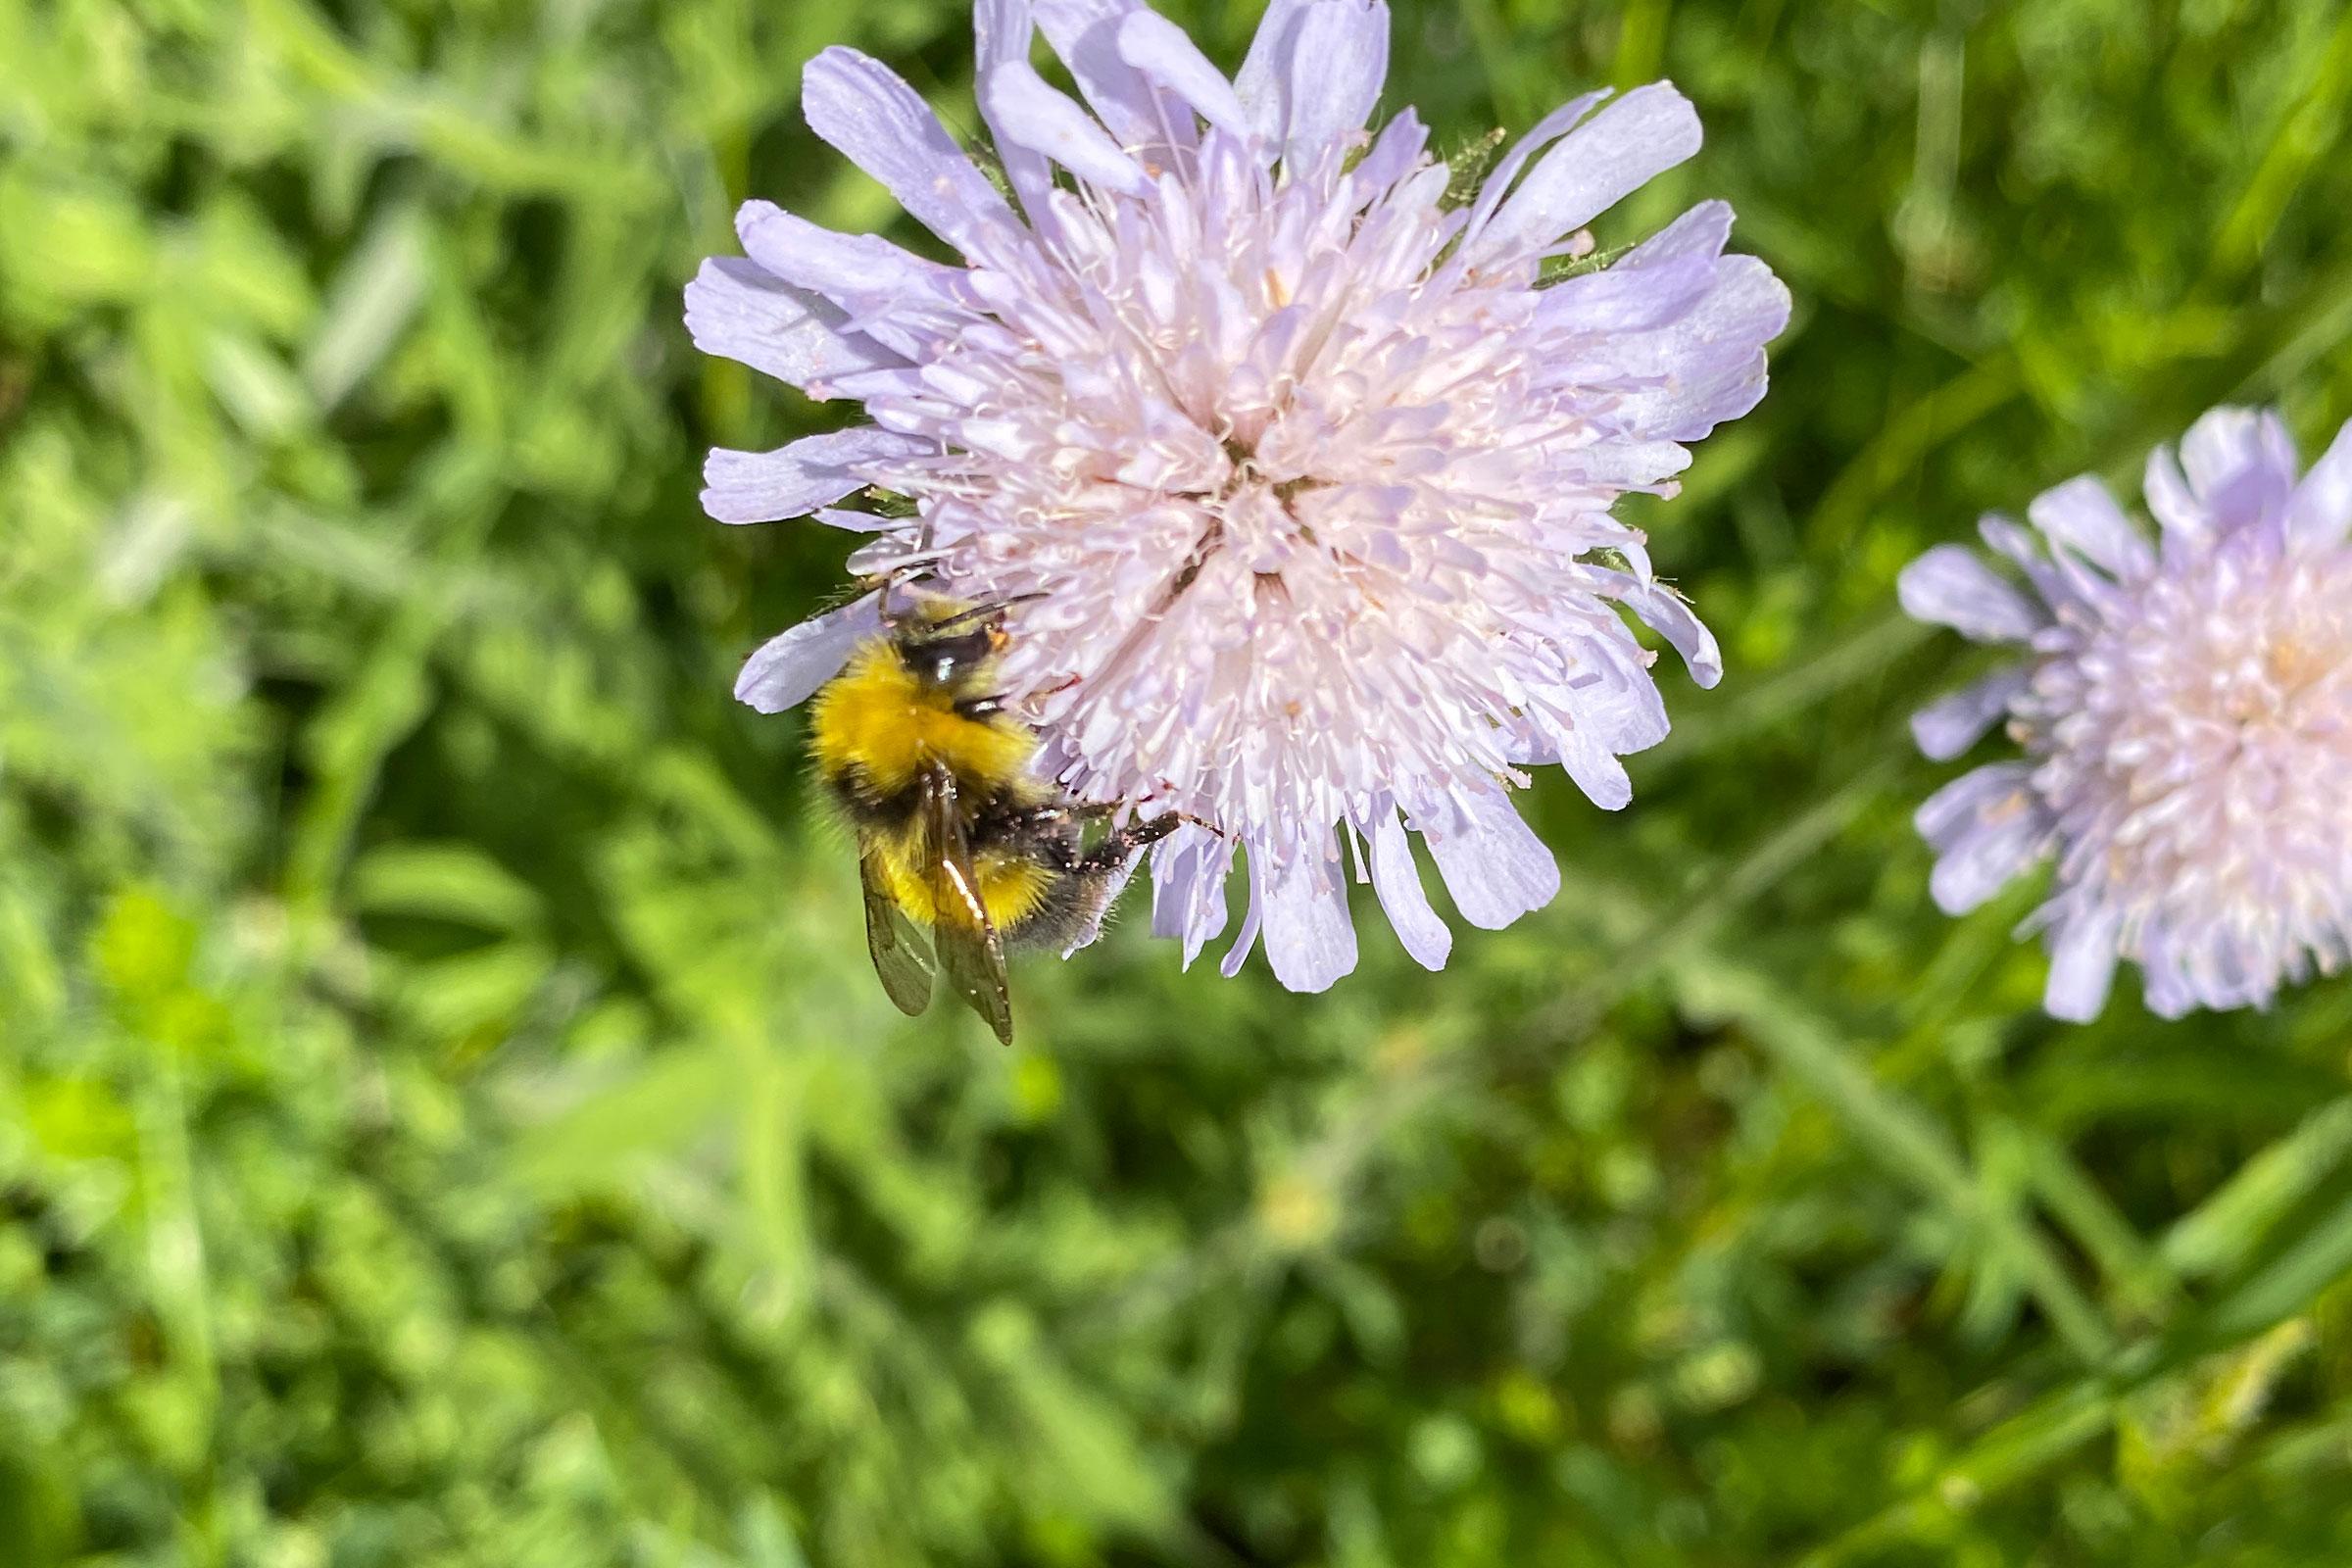 Imkerei Bienenhort Suderwich Recklinghausen Hummeln